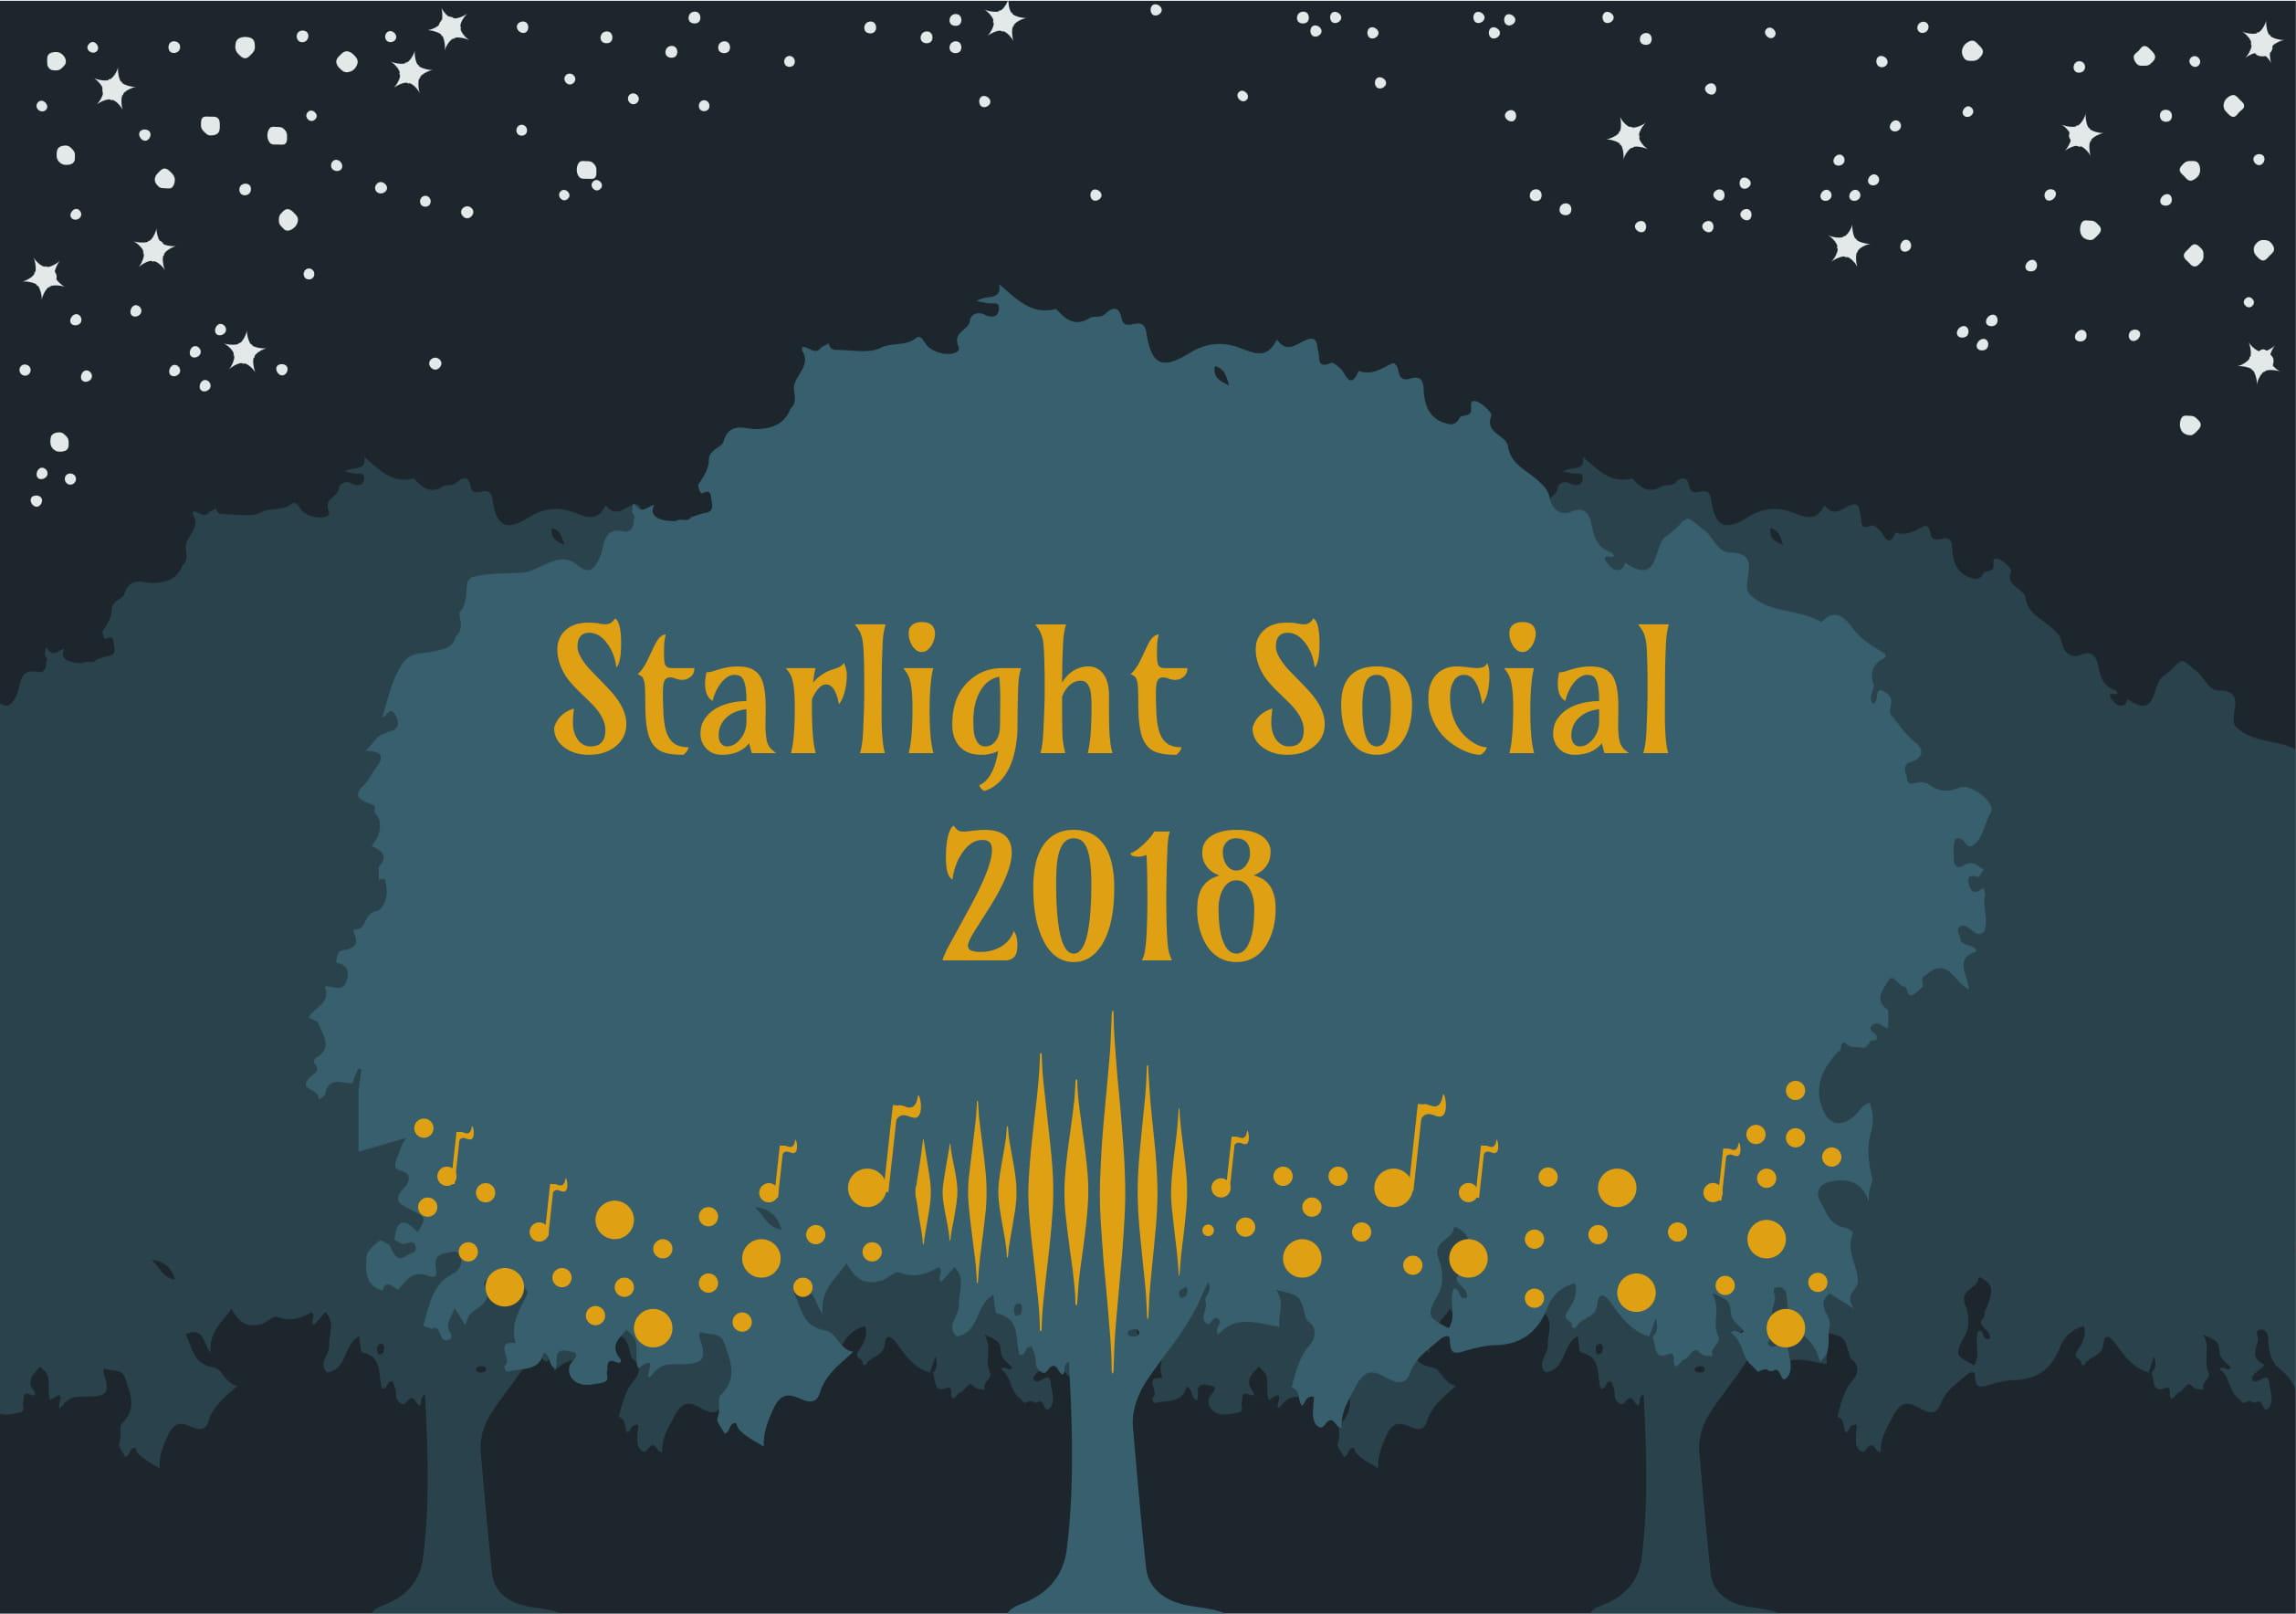 austin com starlight social